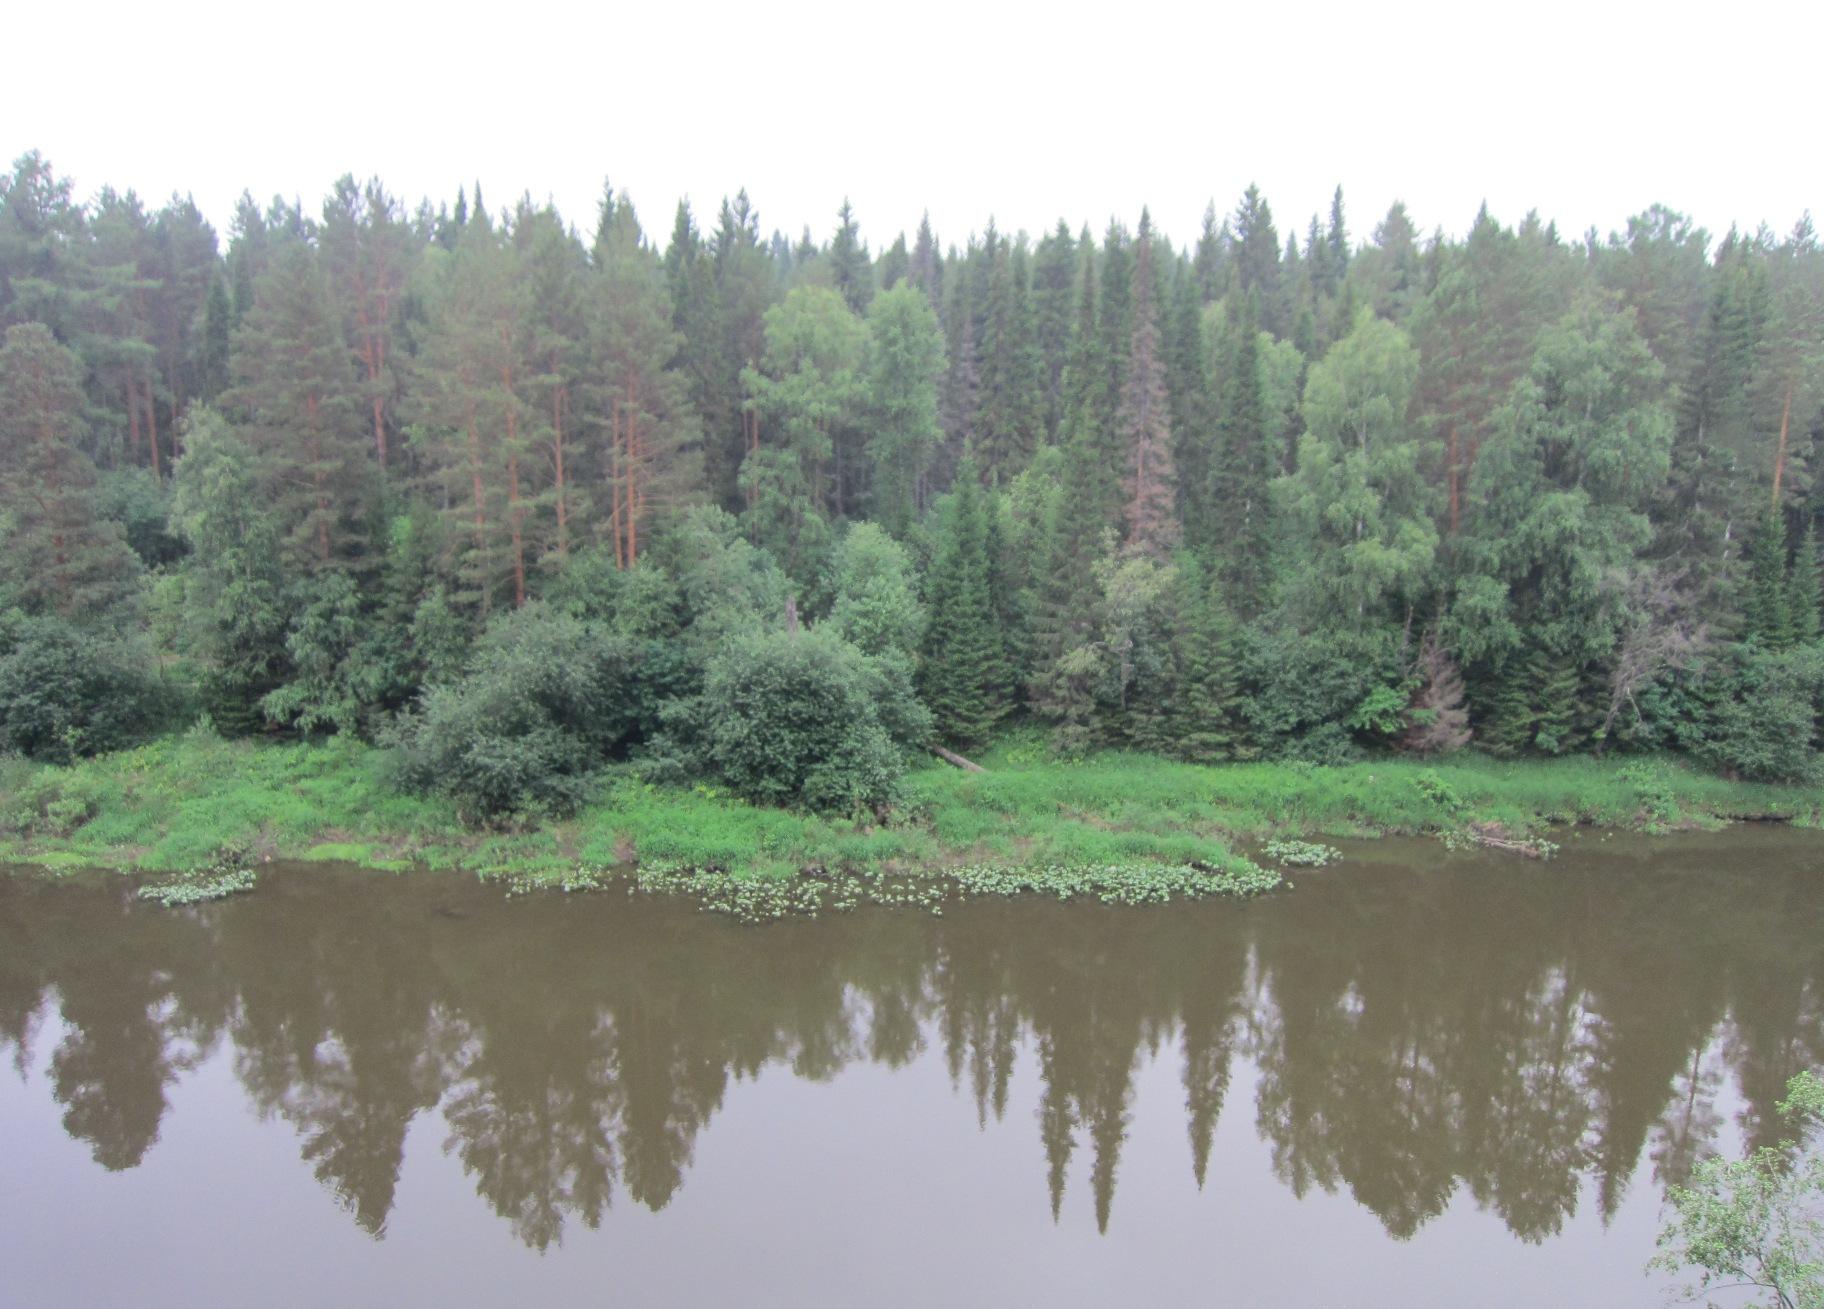 Лес (тайга) на берегу Чусовой - сосны, ели, пихты, лиственницы (08.07.2015)